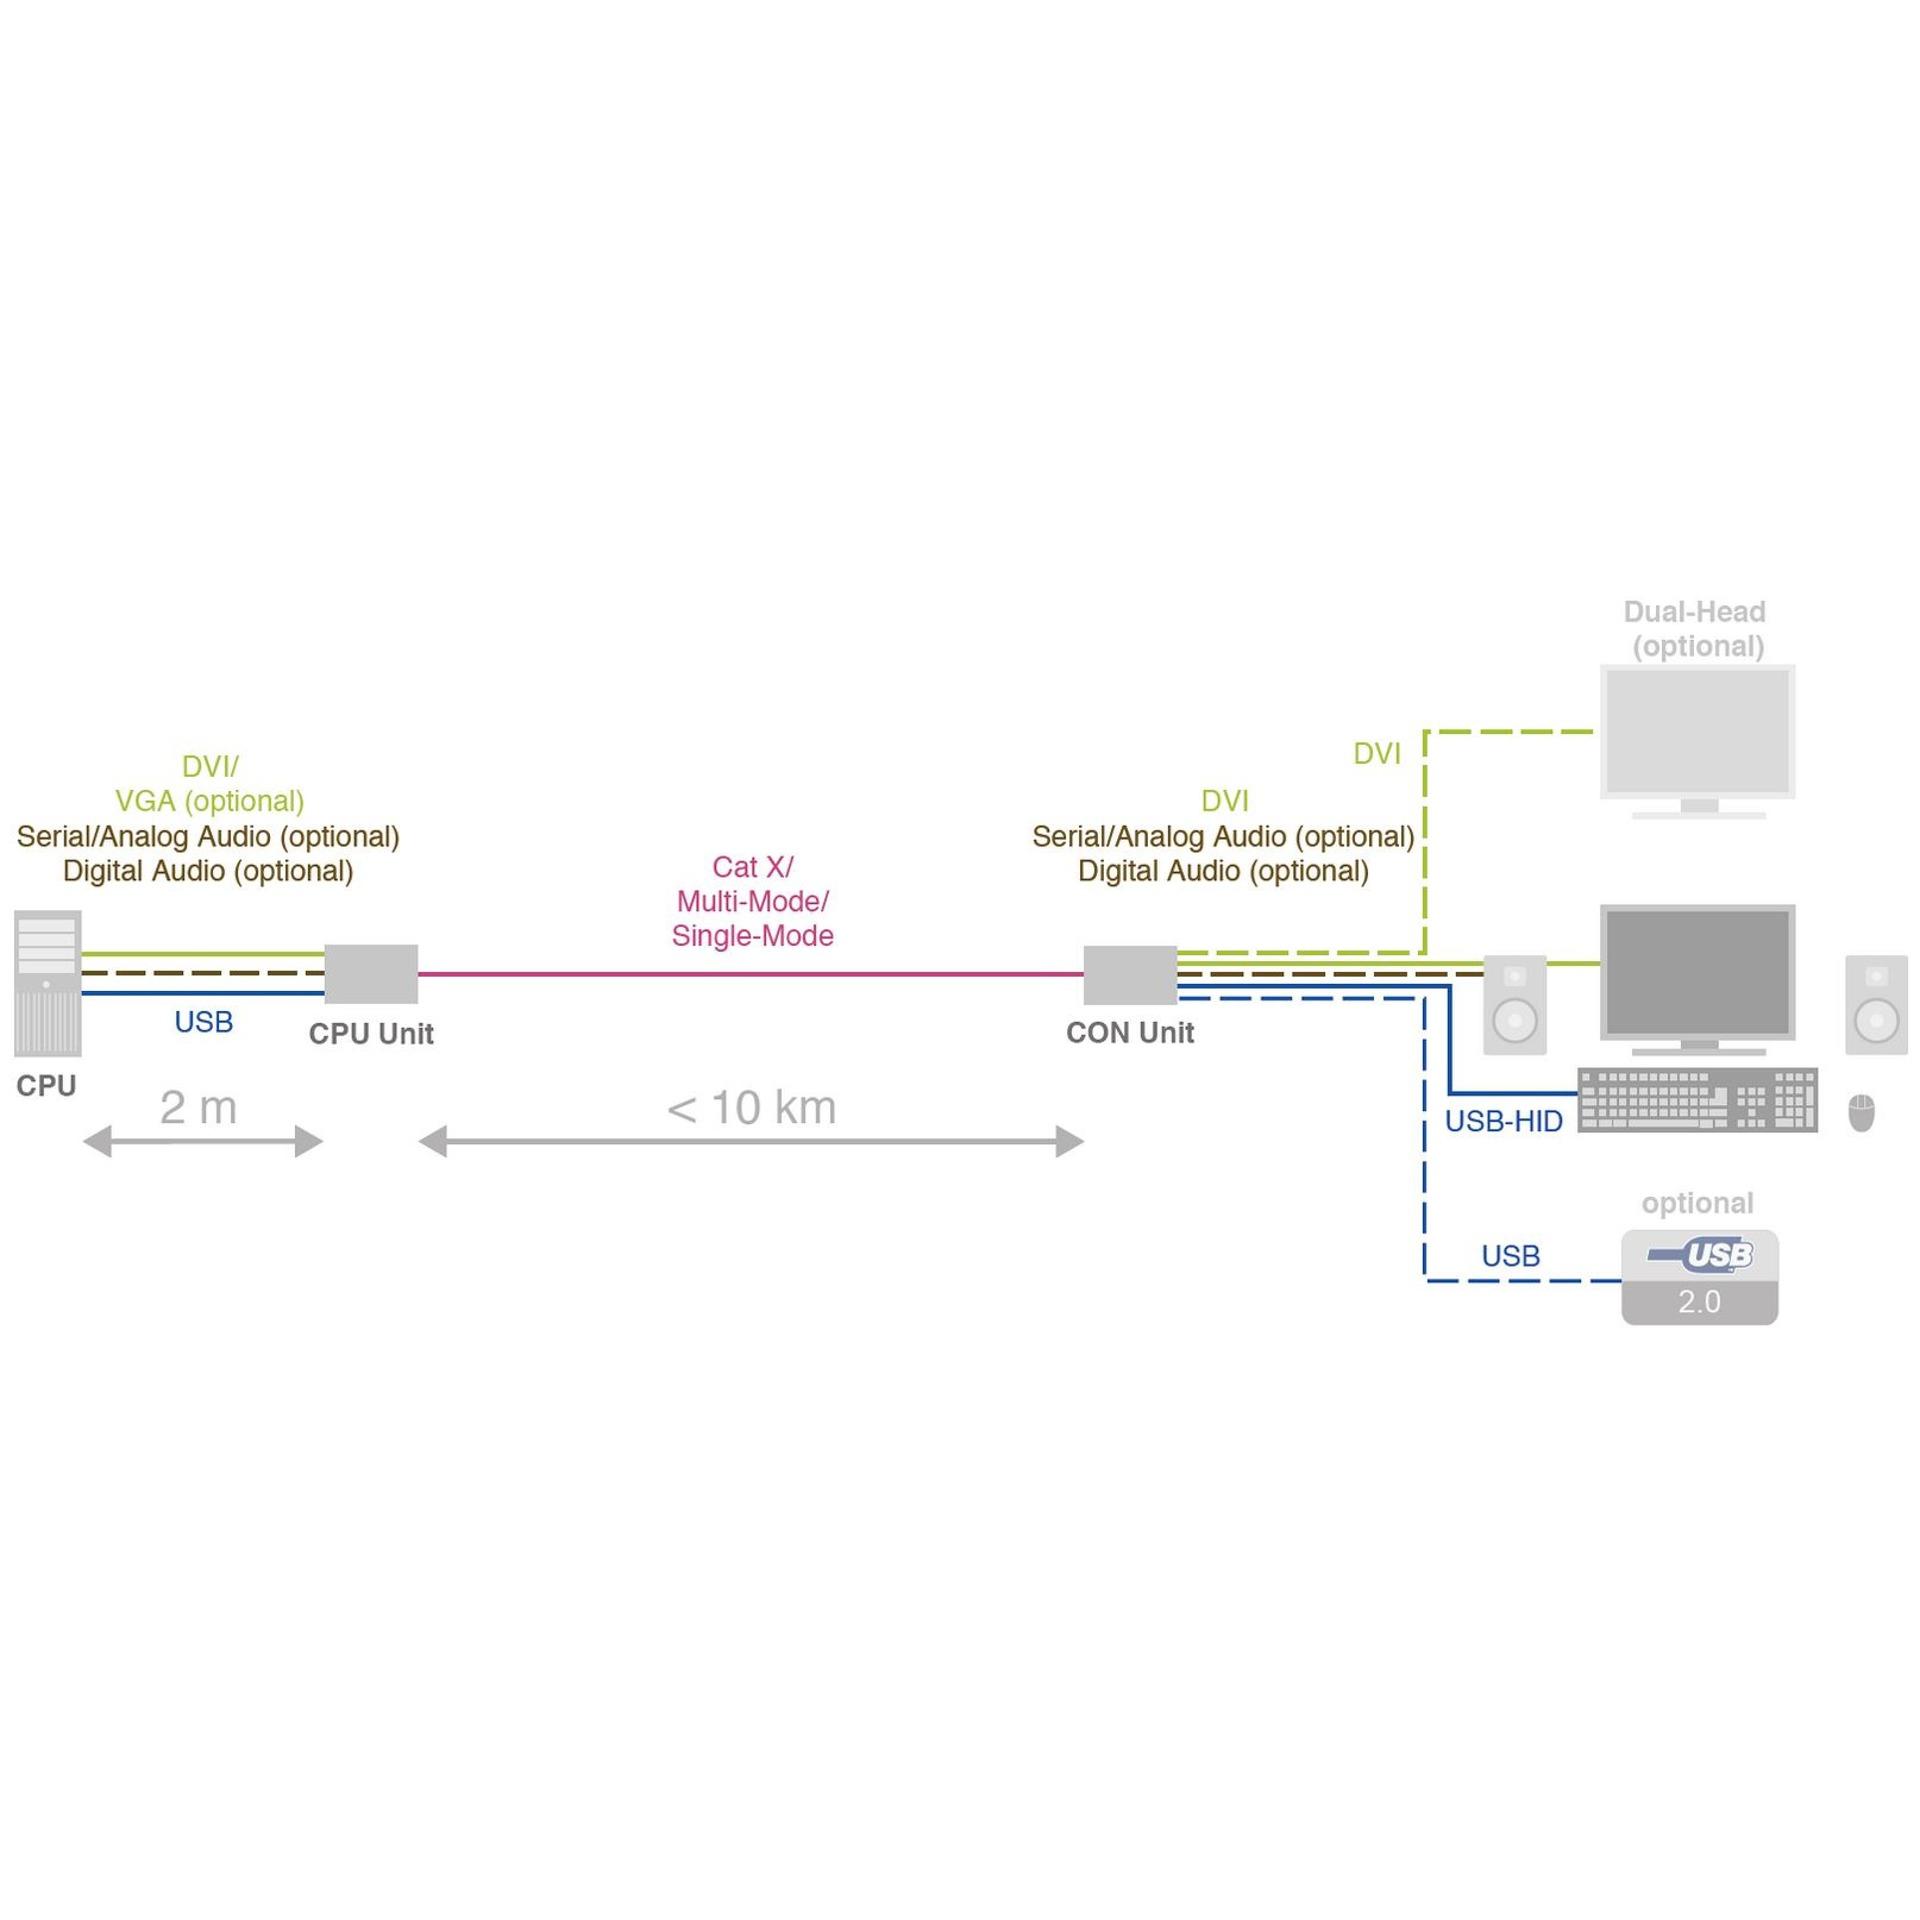 Groß Lichtleiter Diagramm Zeitgenössisch - Der Schaltplan - greigo.com